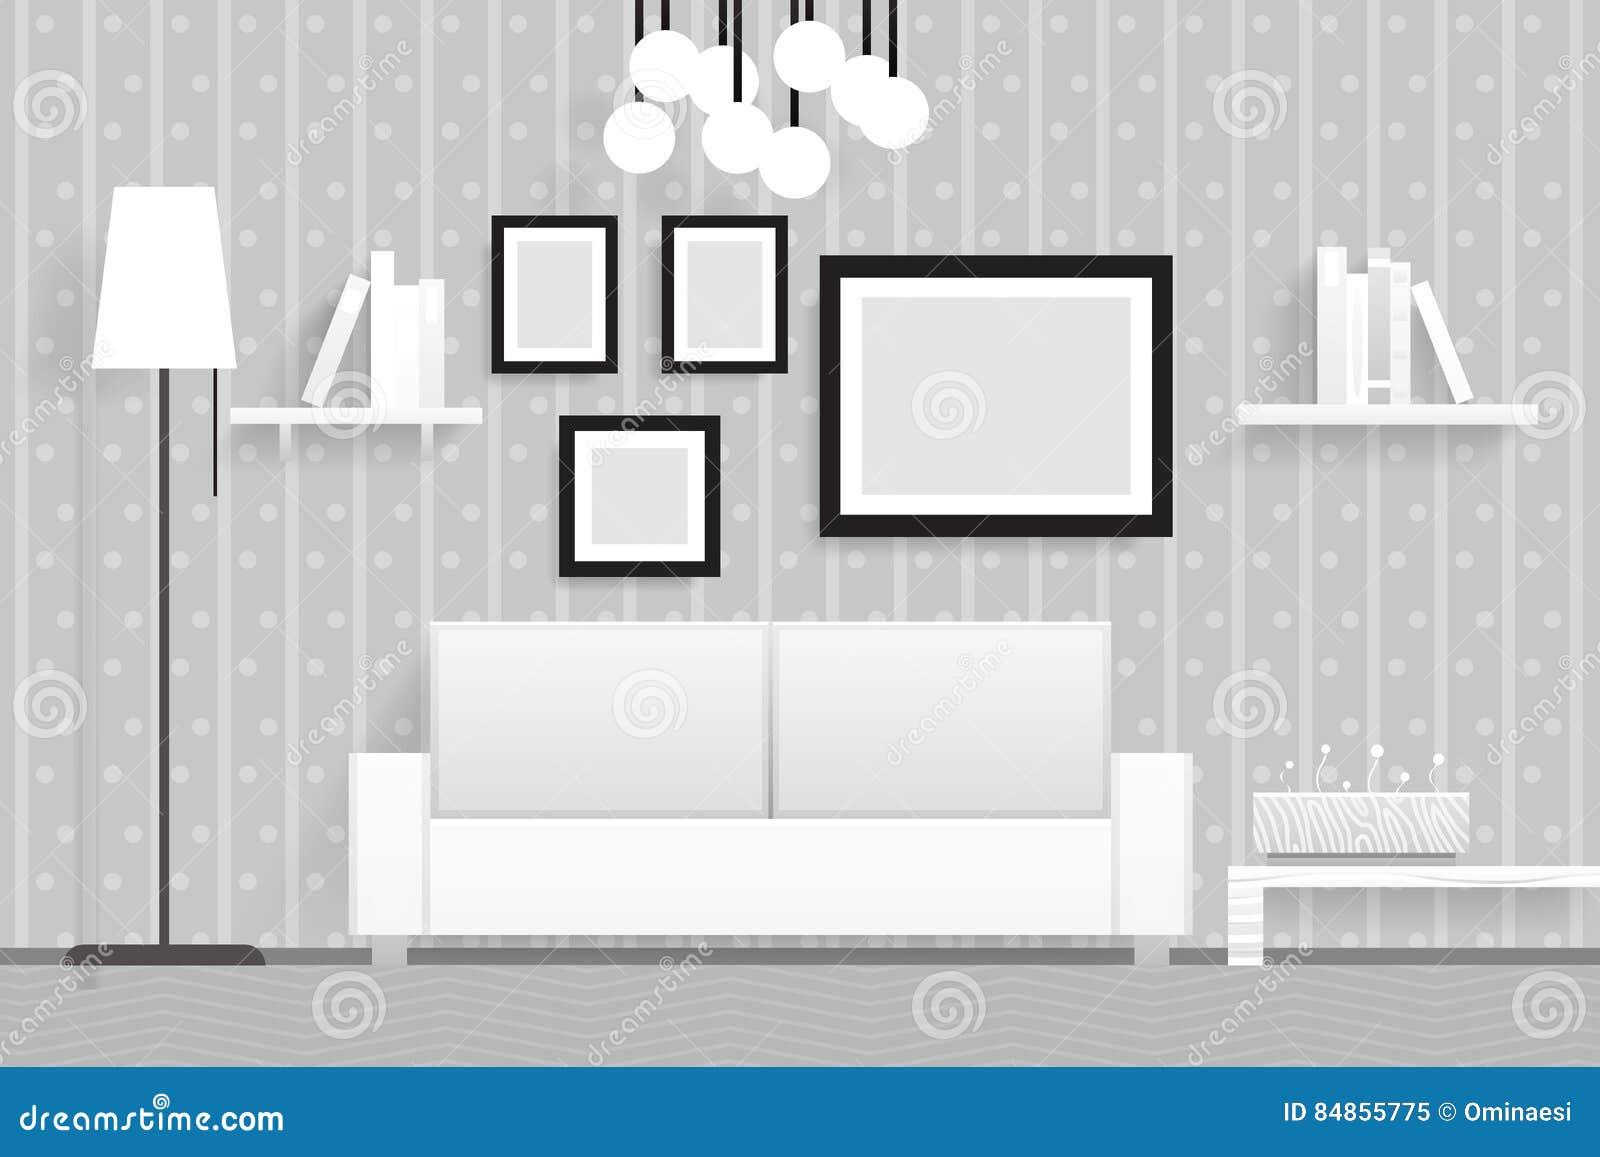 Innendesign-Vektor-Illustration Der Wohnzimmer-Möbel-3d Realistische ...